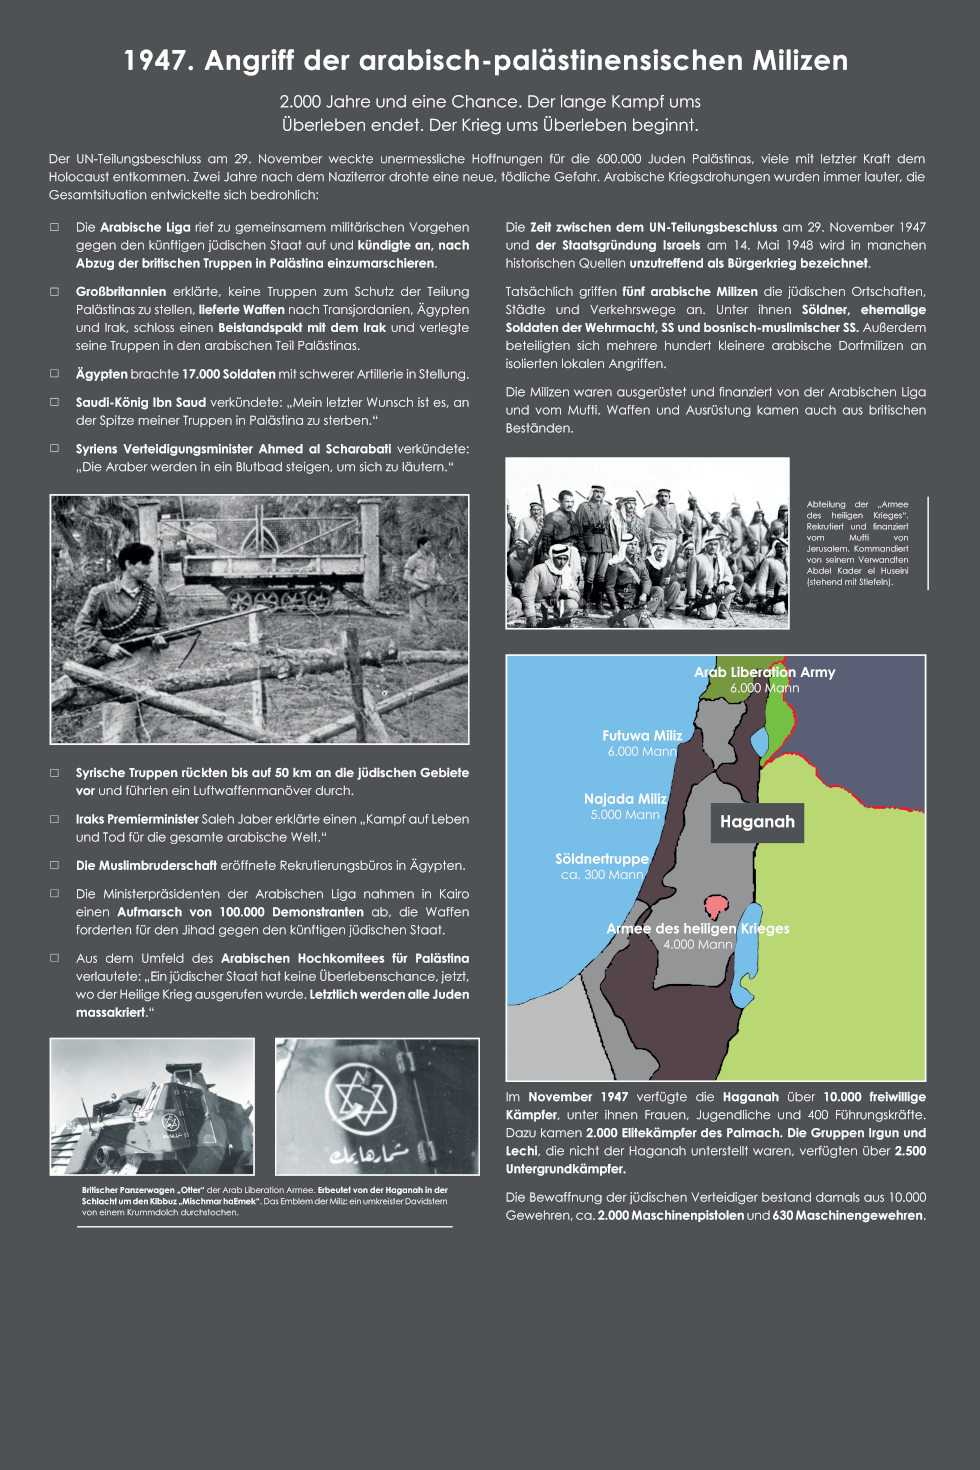 20 Angriff der arabisch-palästinensischen Milizen